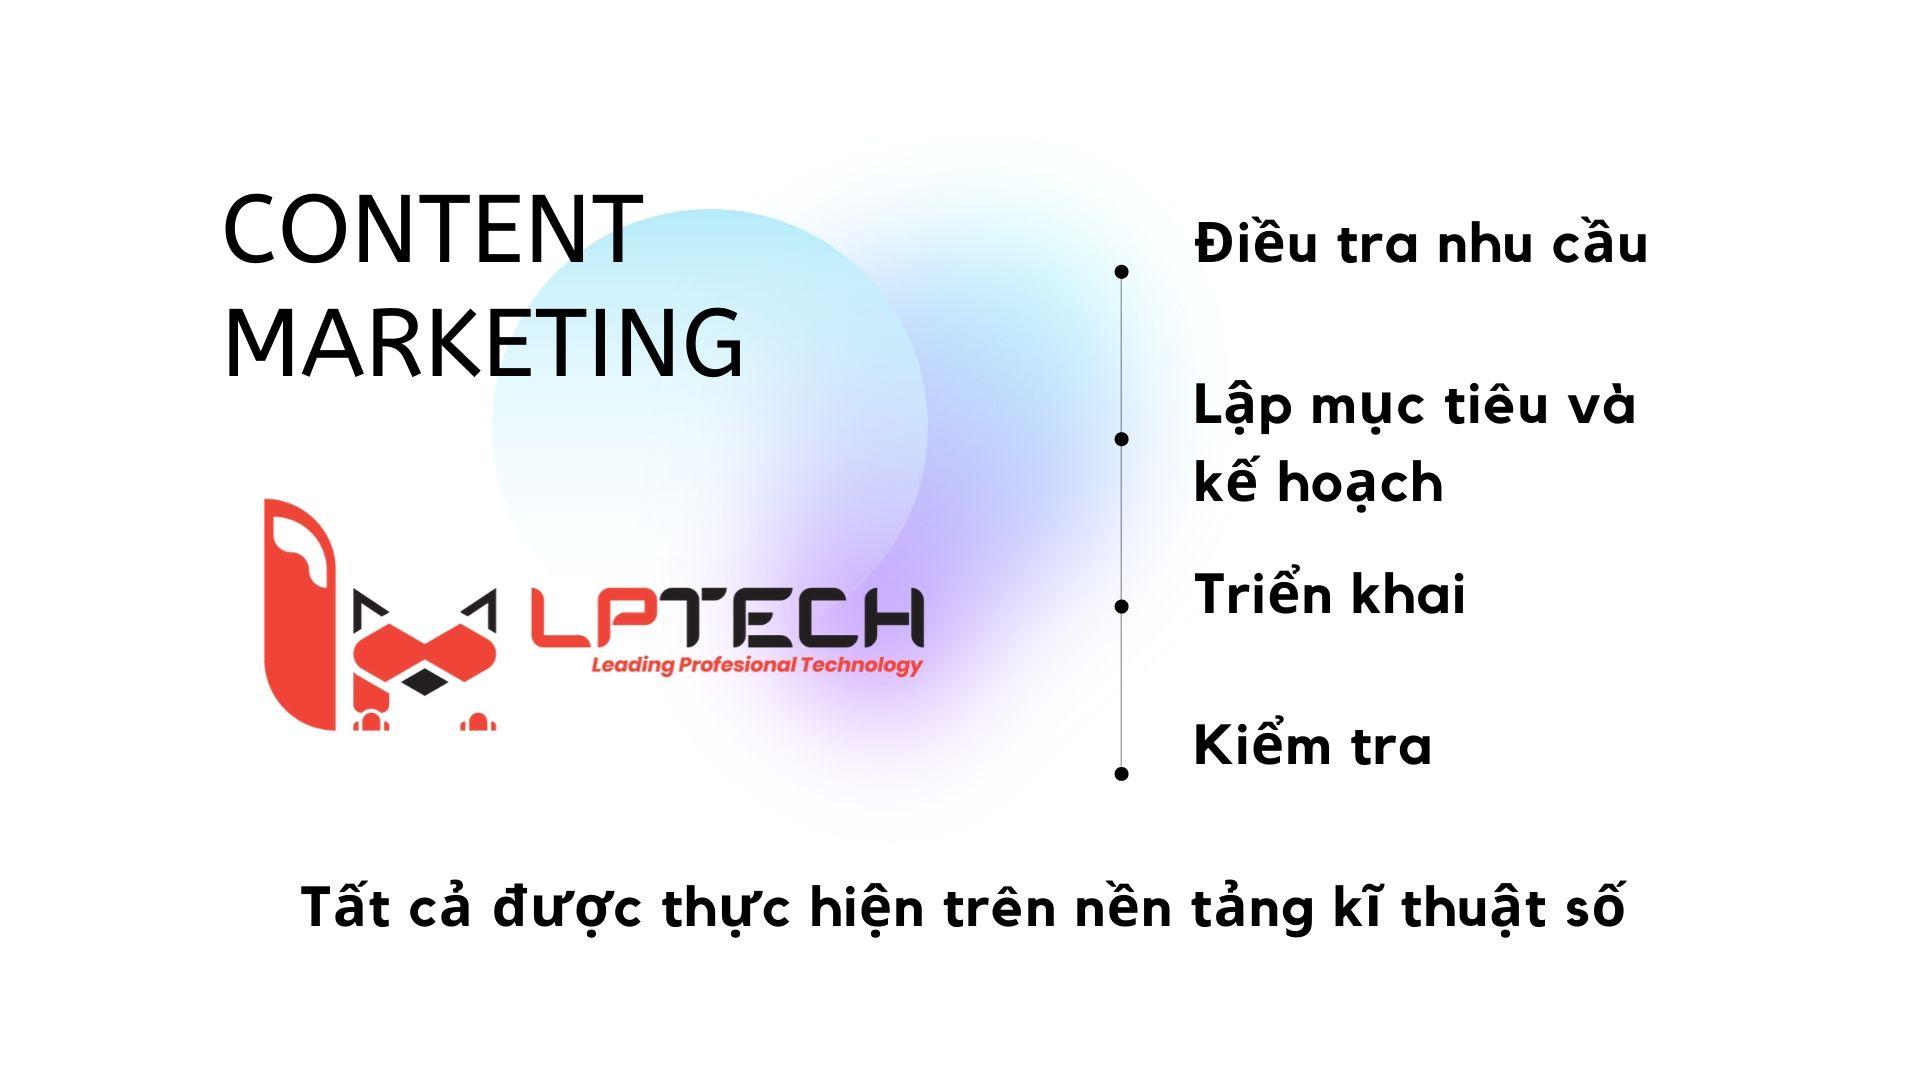 các công tác cần thực hiện trong content marketing